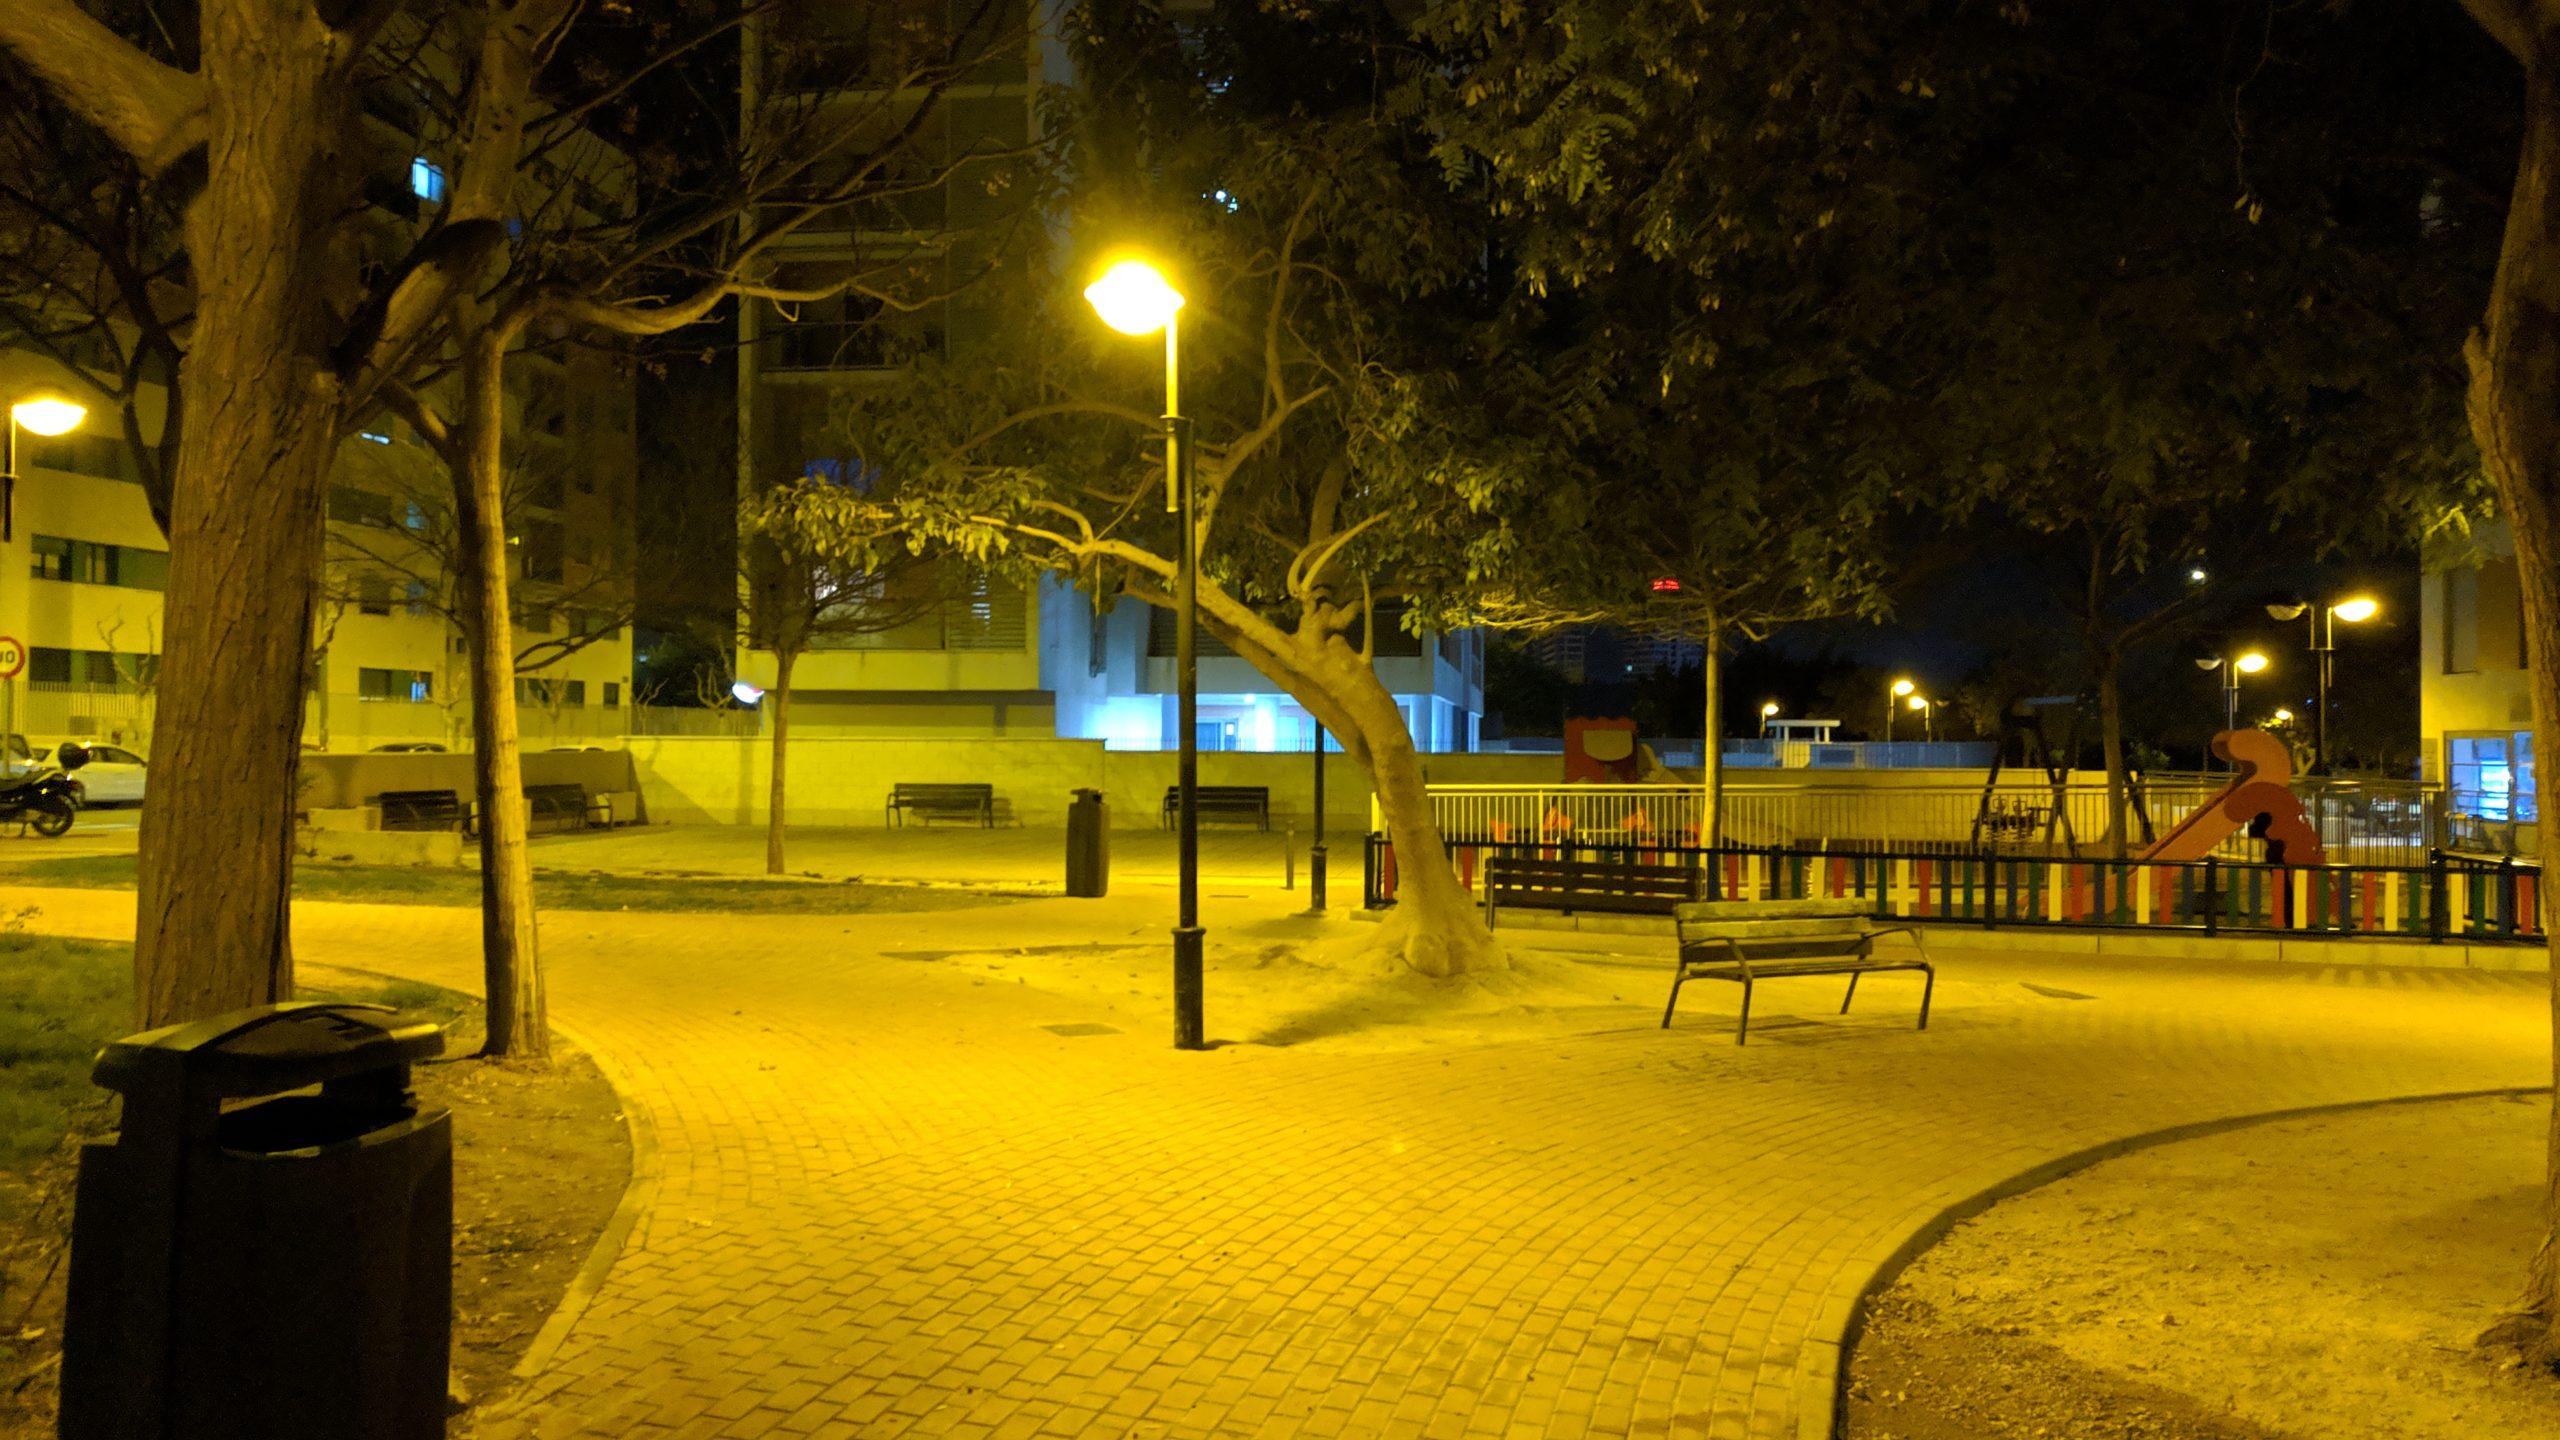 2020-01-18 Farola central Plaza Open Futura encendida